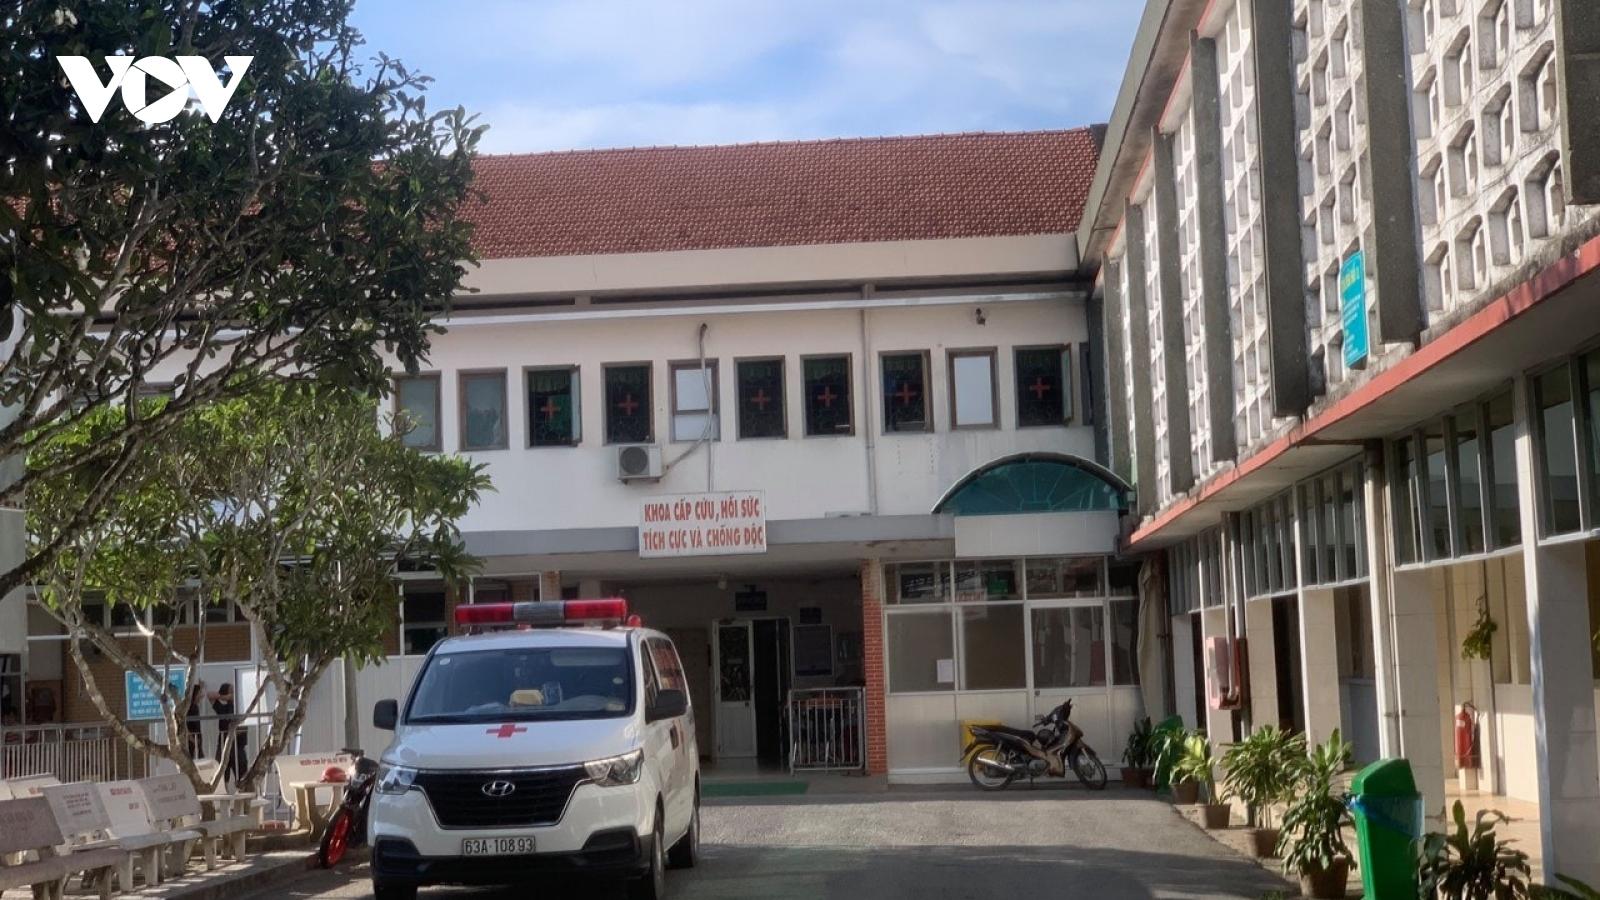 Tiền Giang lập nhiều khu cách ly khi có thêm 13 bệnh nhân và 3 ca nghi mắc Covid-19